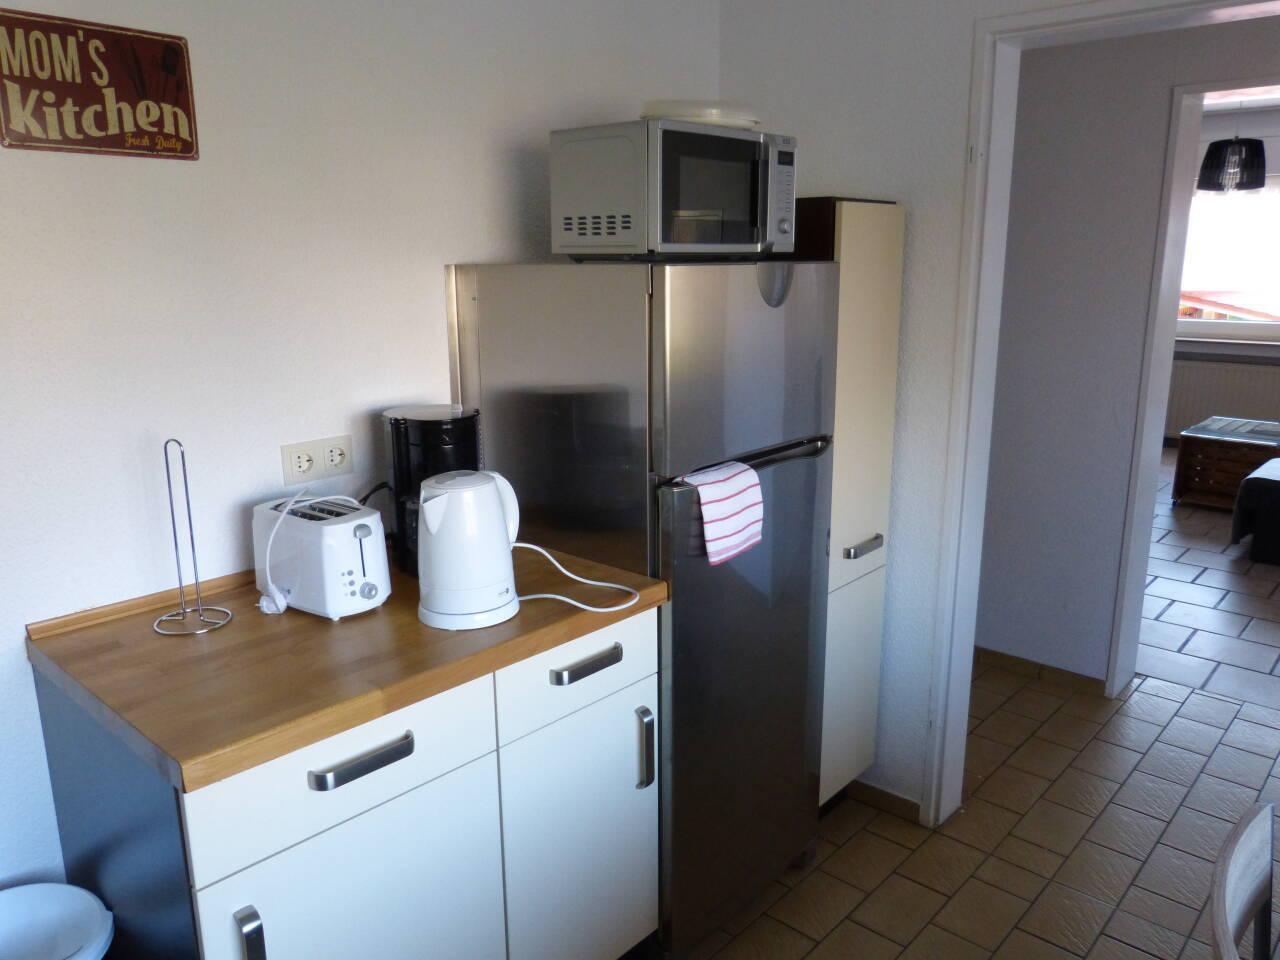 Kühlschrank, Mikrowelle, Kaffeemaschine, Toaster, Wasserkocher, es ist alles da.